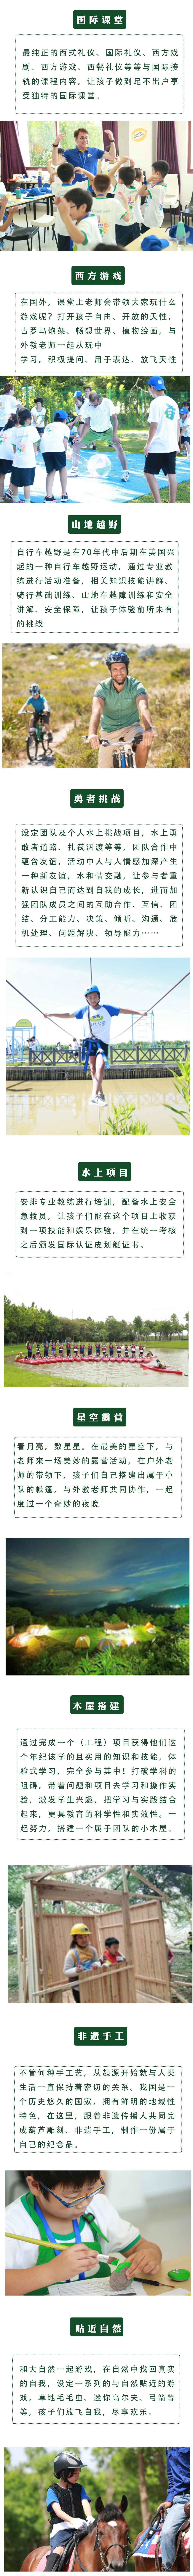 未标题-5-恢复的_看图王(2).jpg